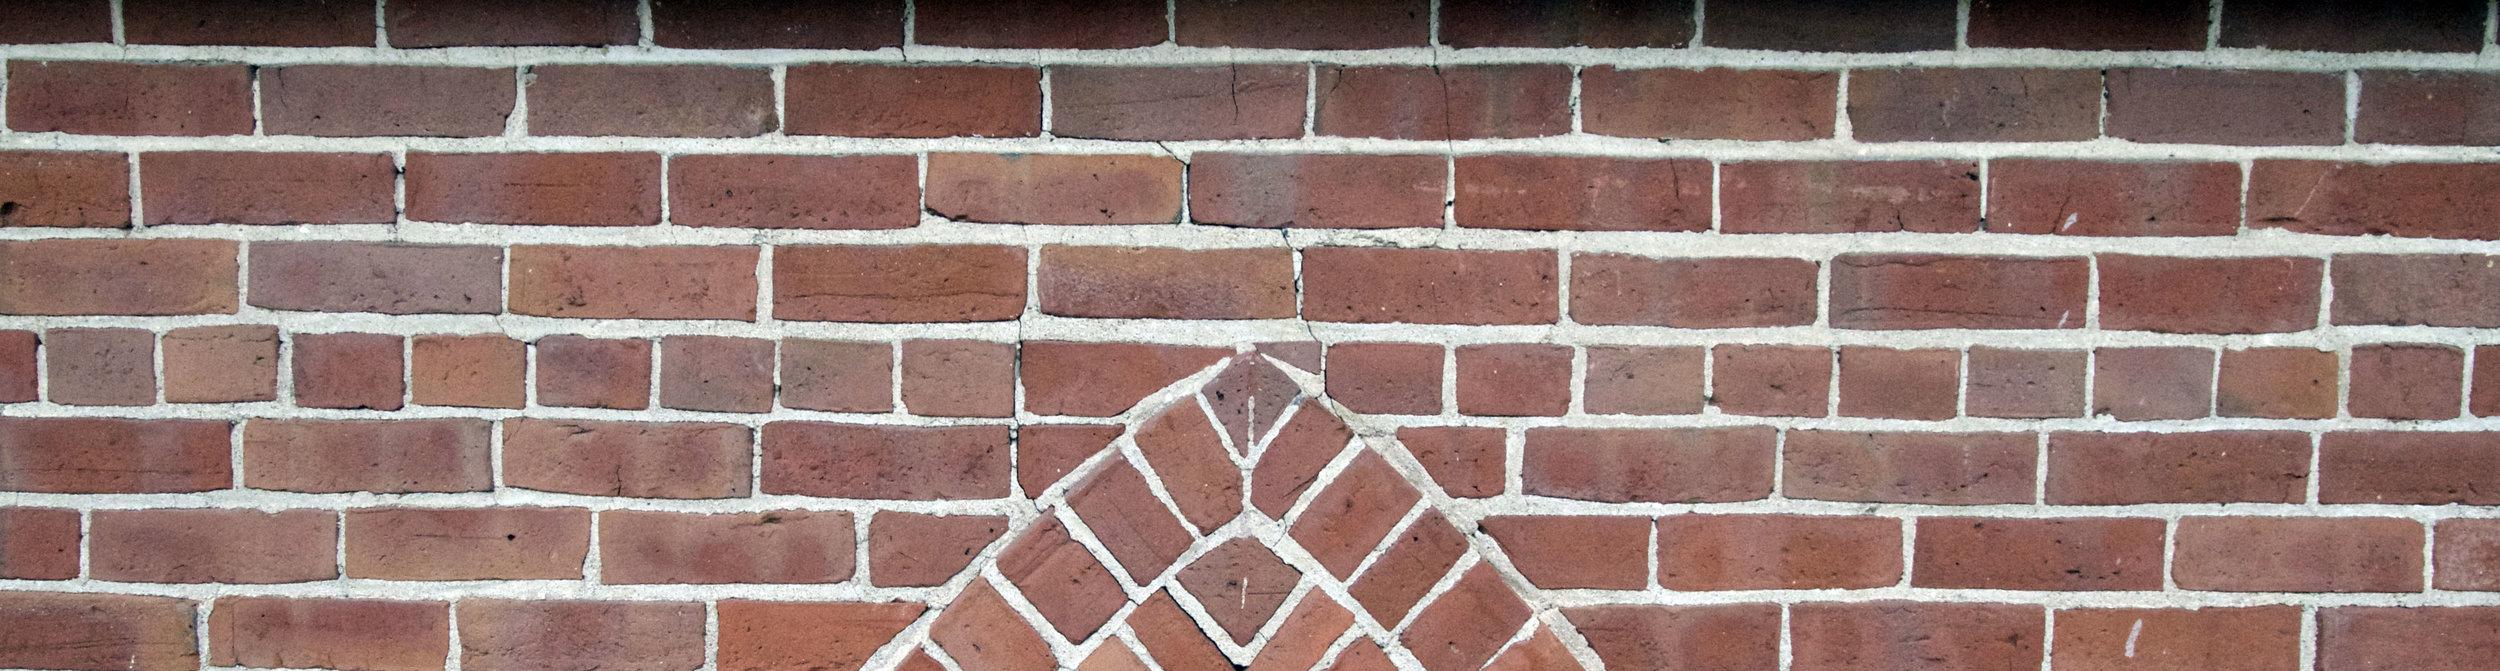 JLCo-bricks.jpg